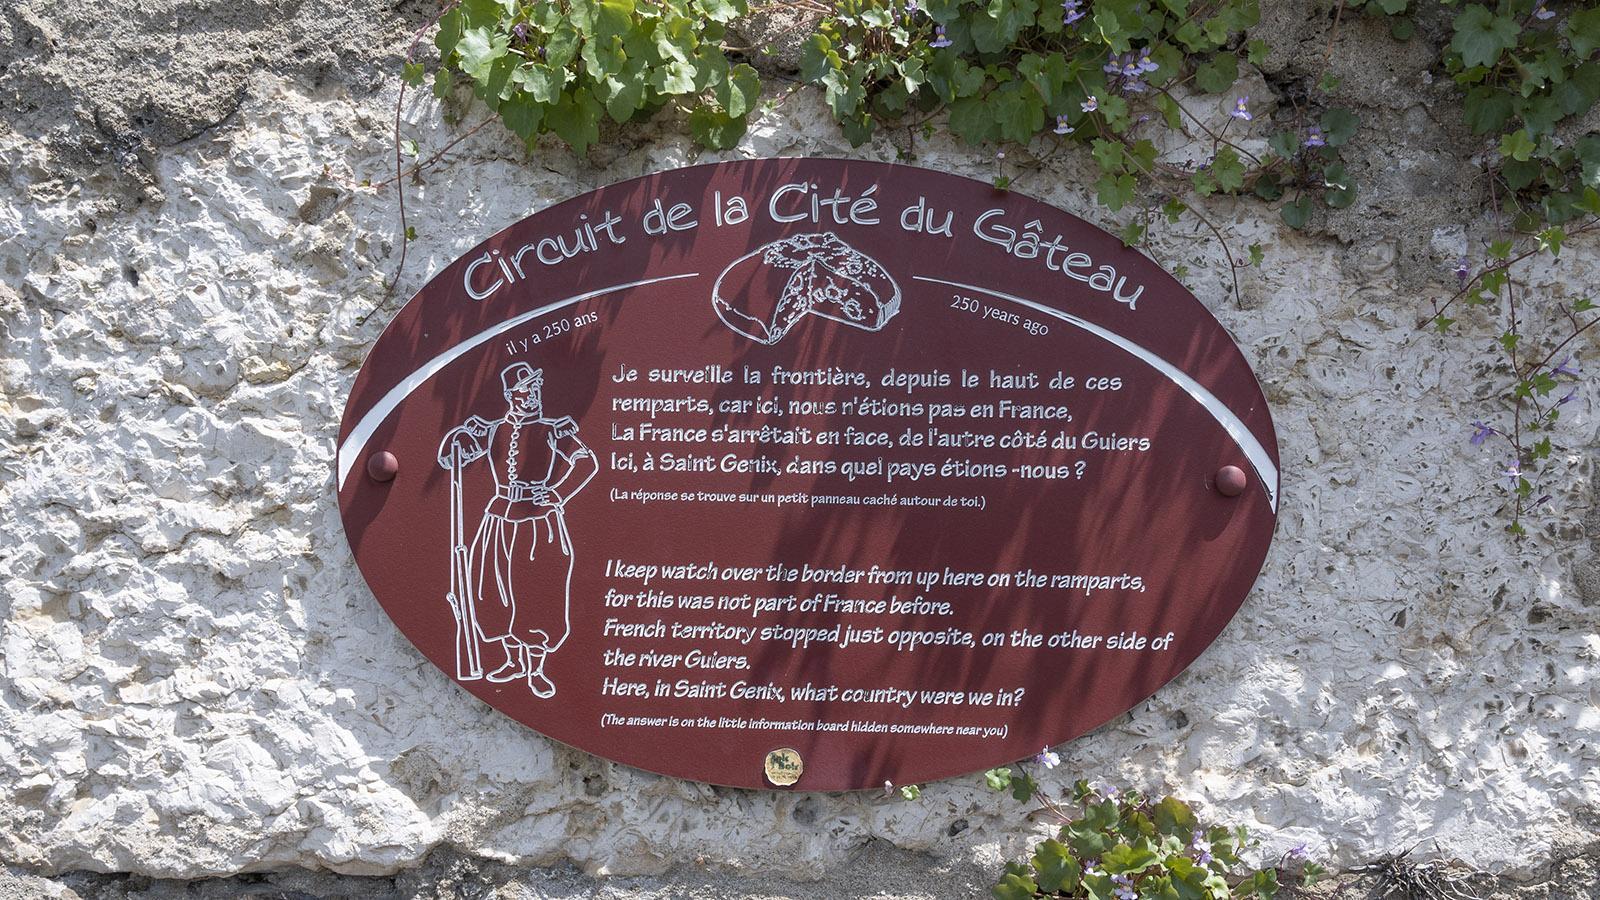 Saint-Genix: Solche Infotafeln begleiten euren Stadtspaziergang. Foto: Hiilke Maunder